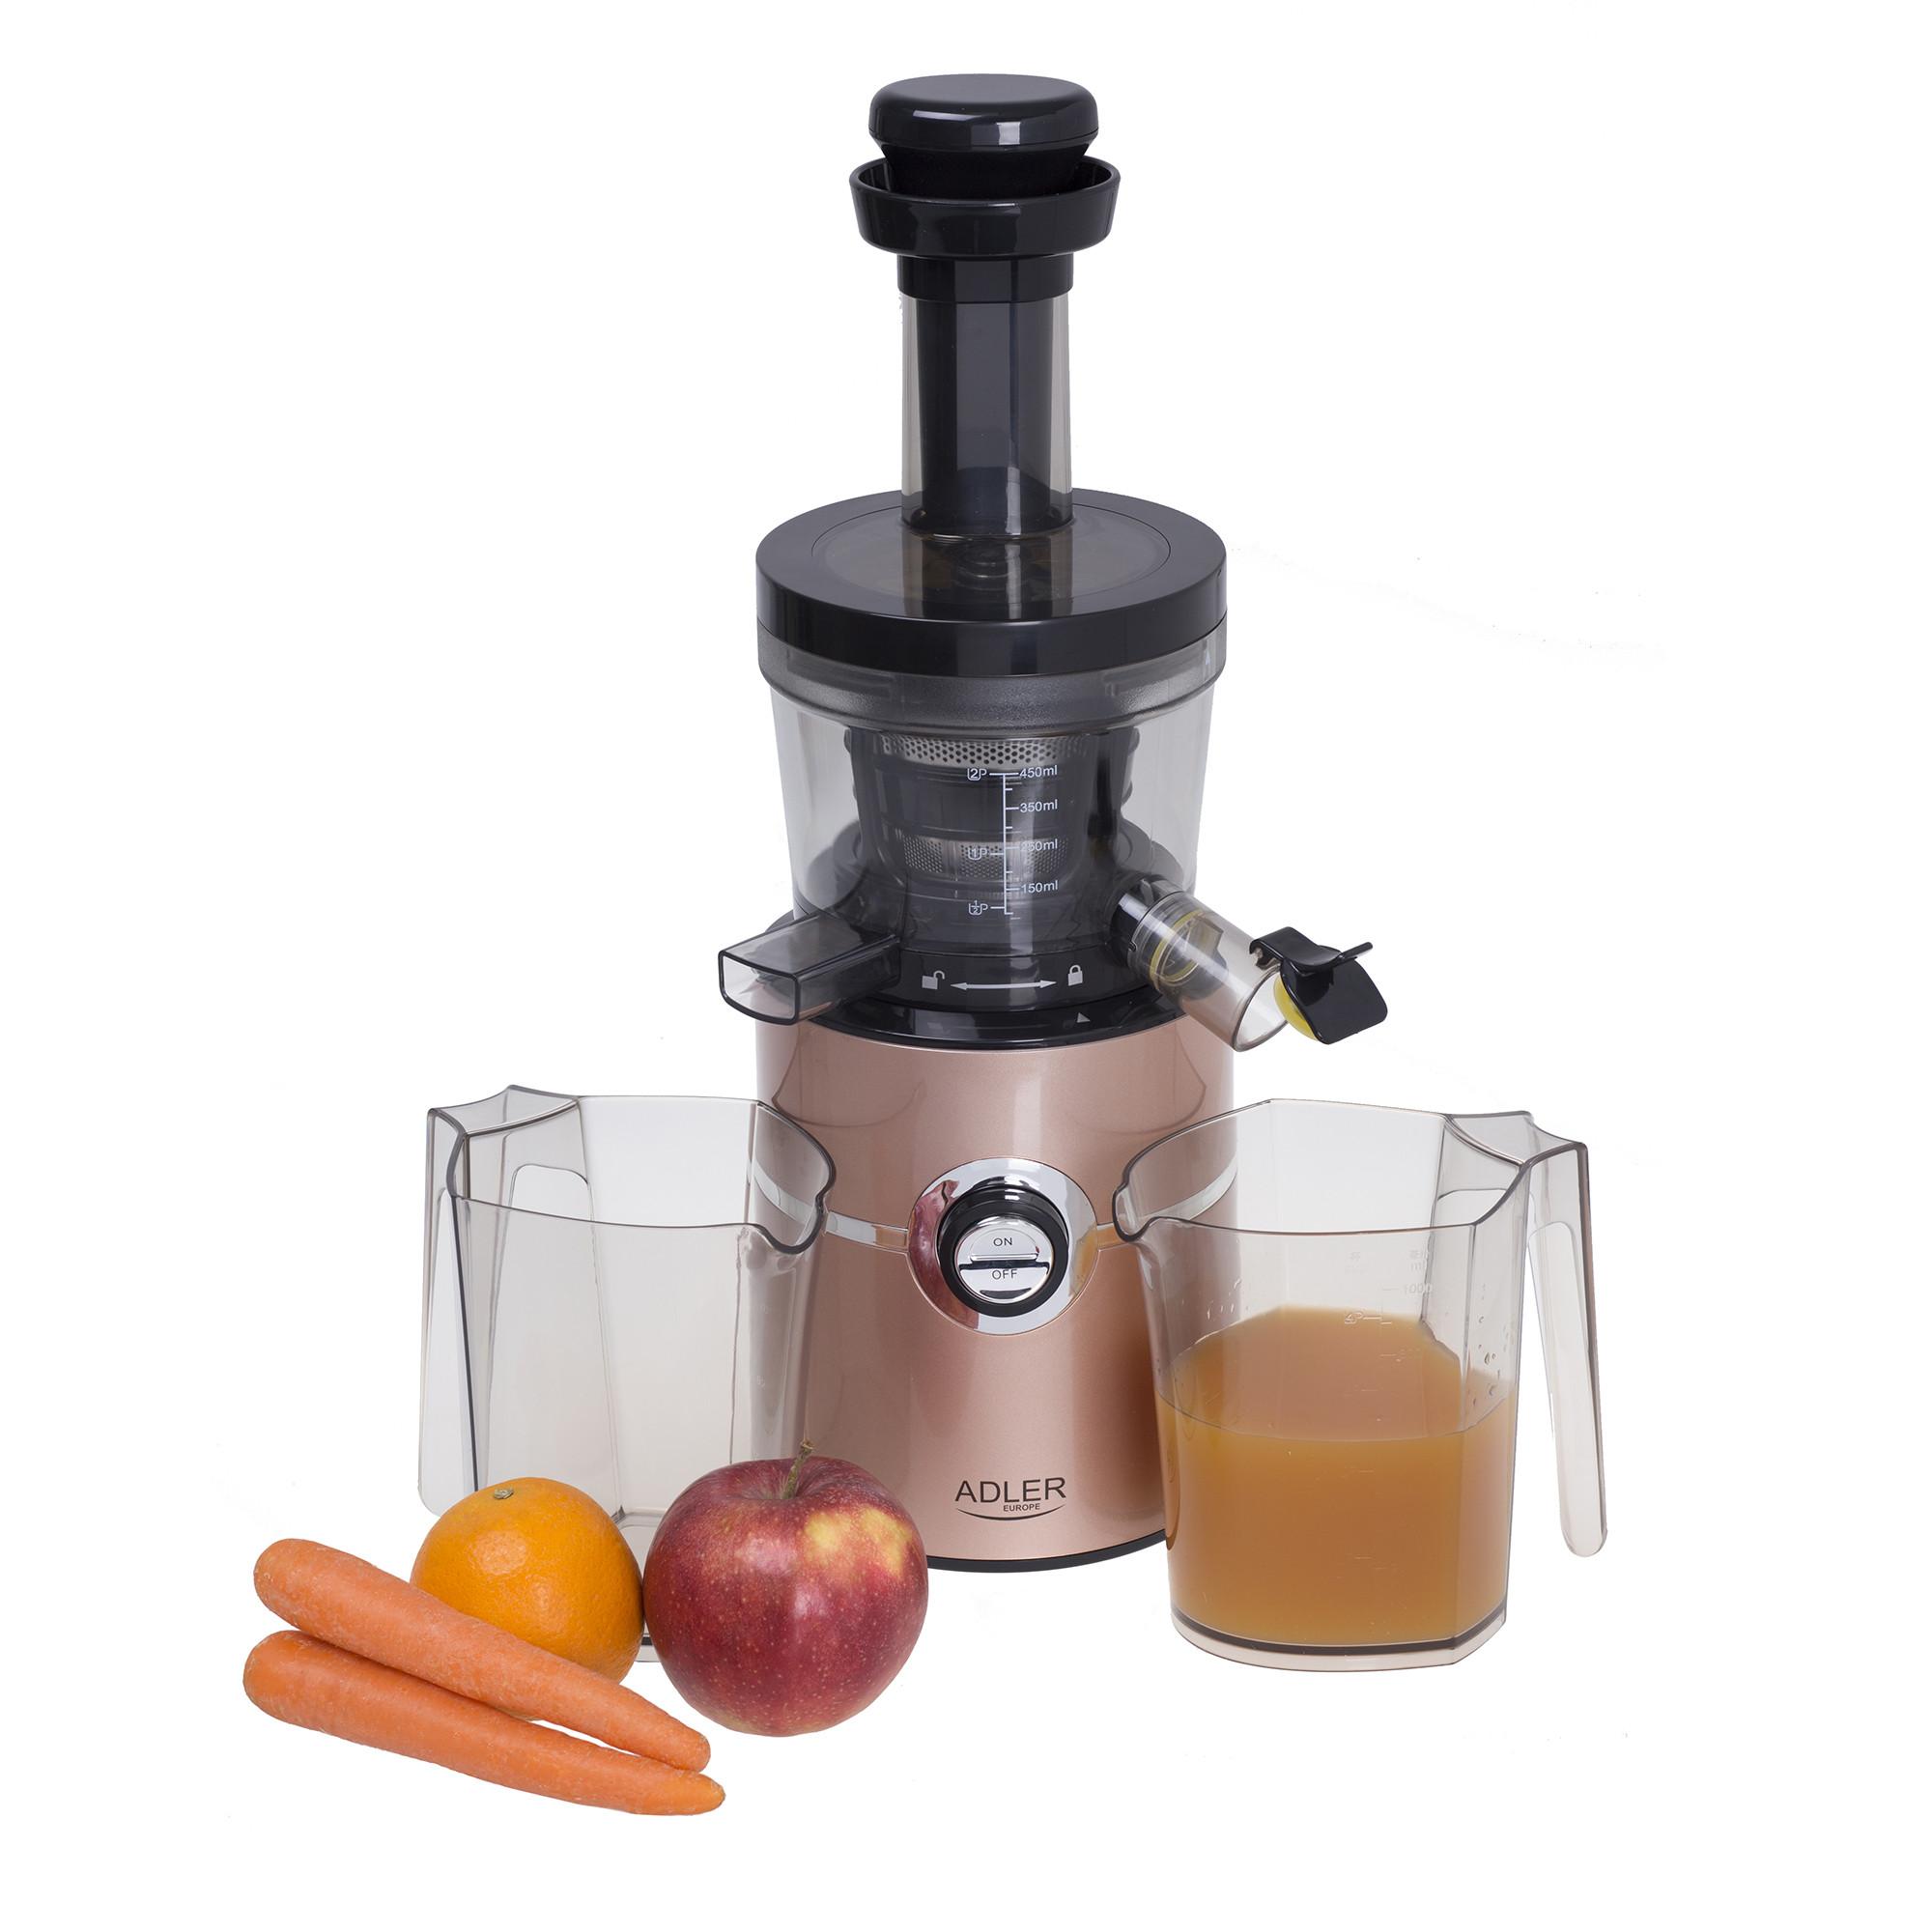 ADLER AD4119 Licuadora prensado en frío para verduras y frutas, baja velocidad 70 RPM, Slow Juicer, 2 Recipiente de jugo y Pulpa, función inversa, 200W